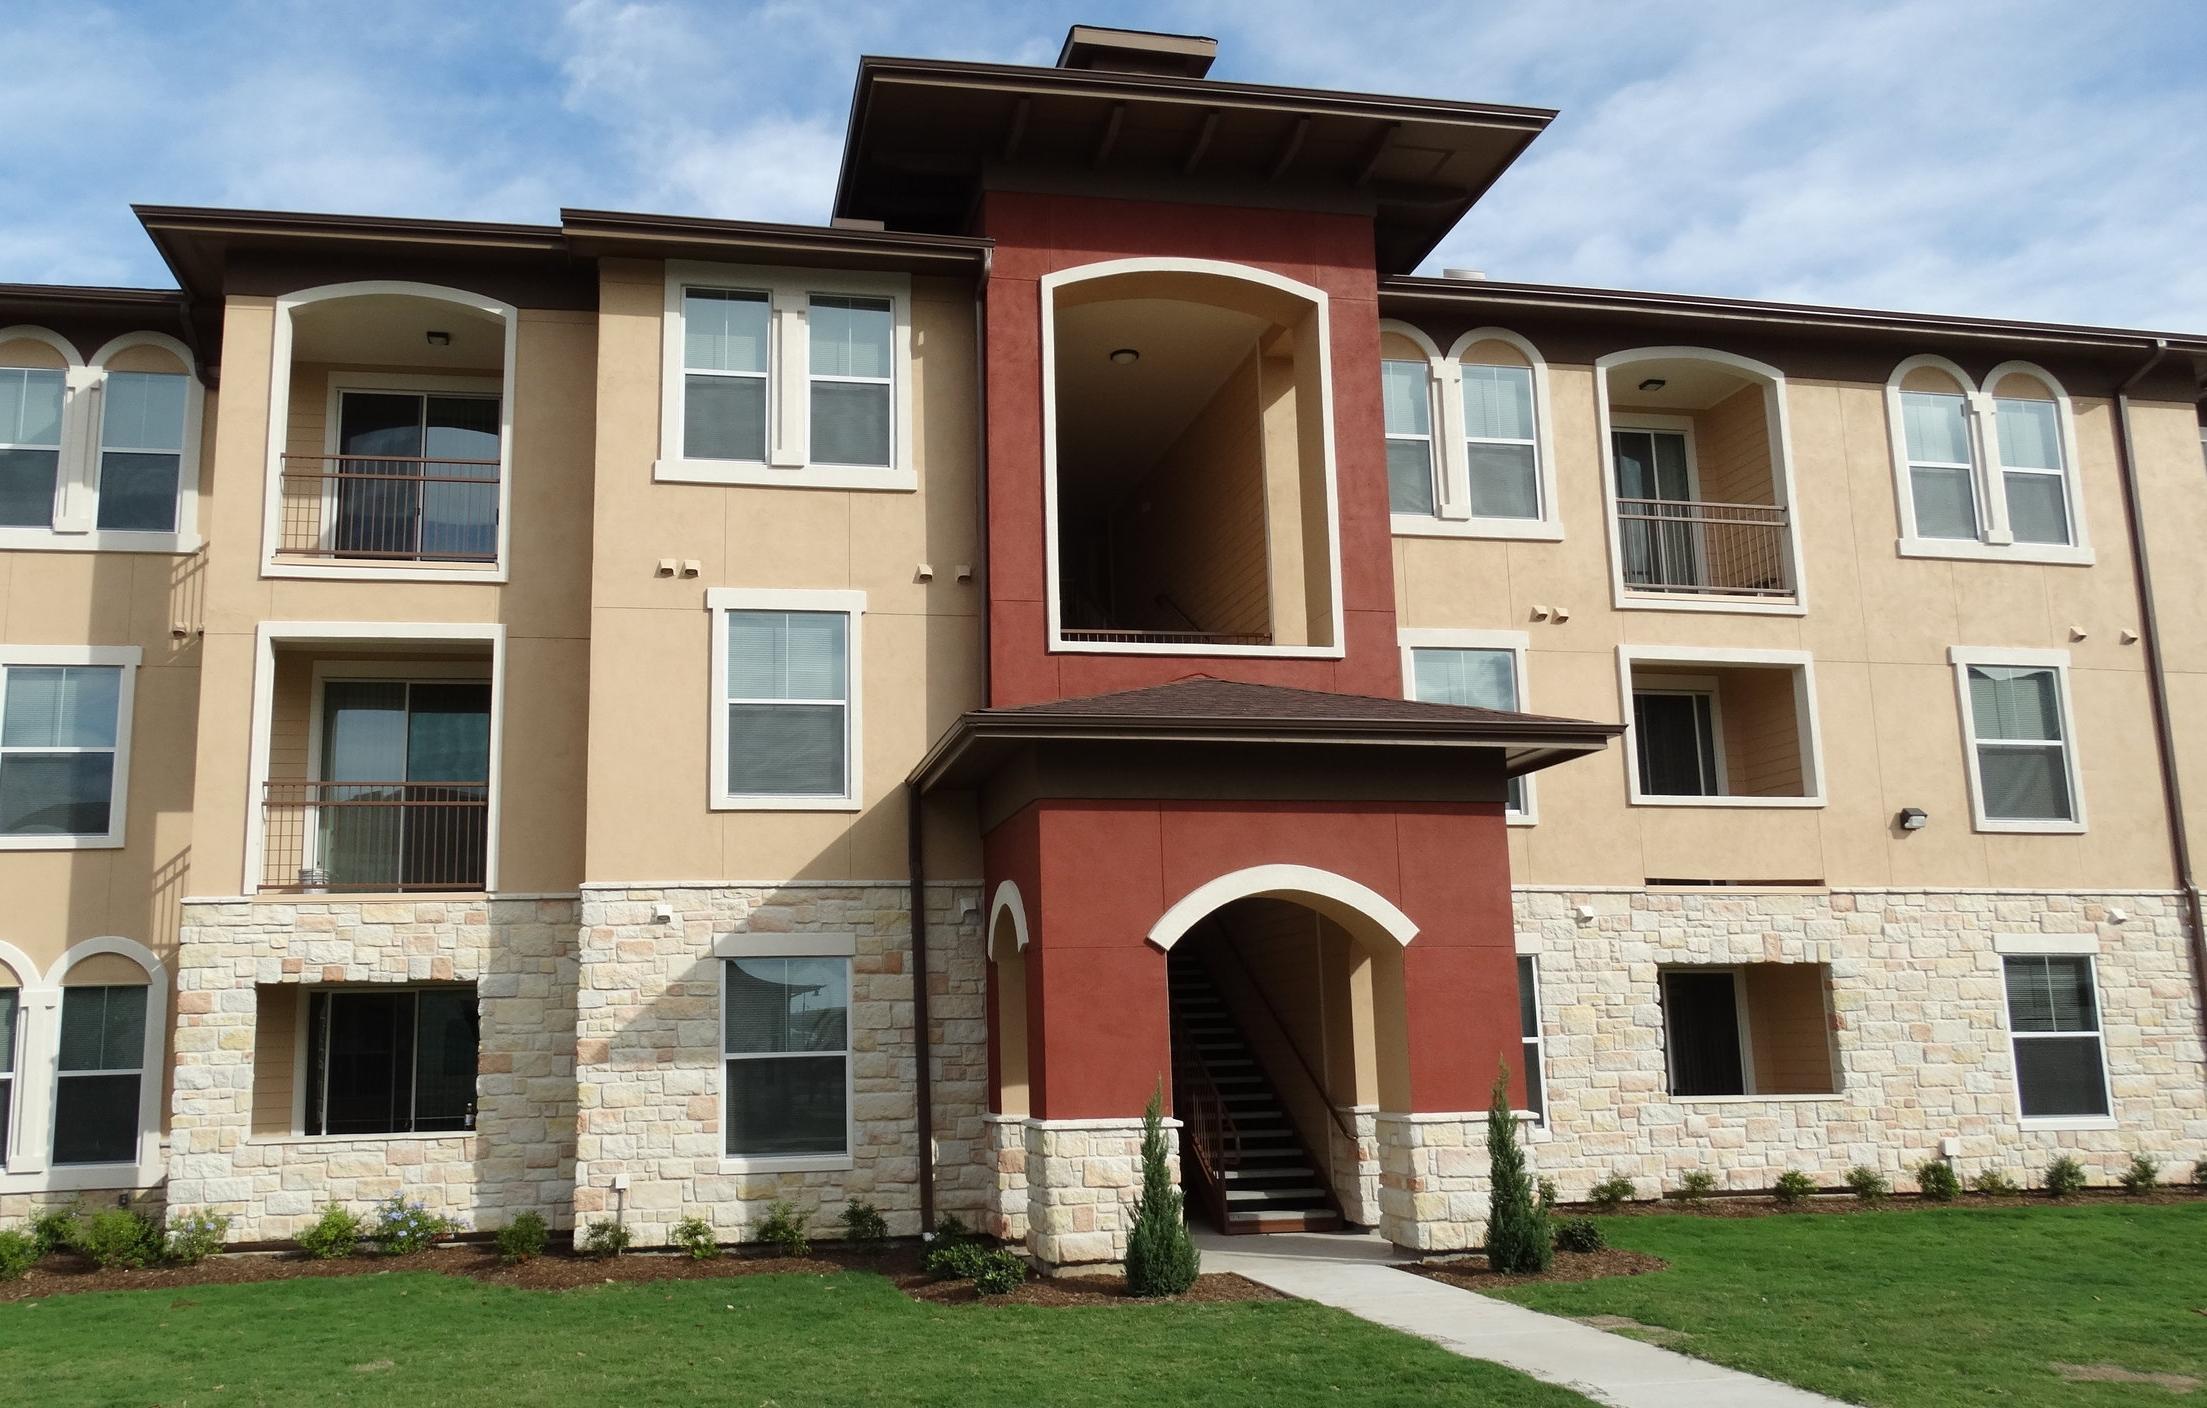 Highland Villas Resident: -